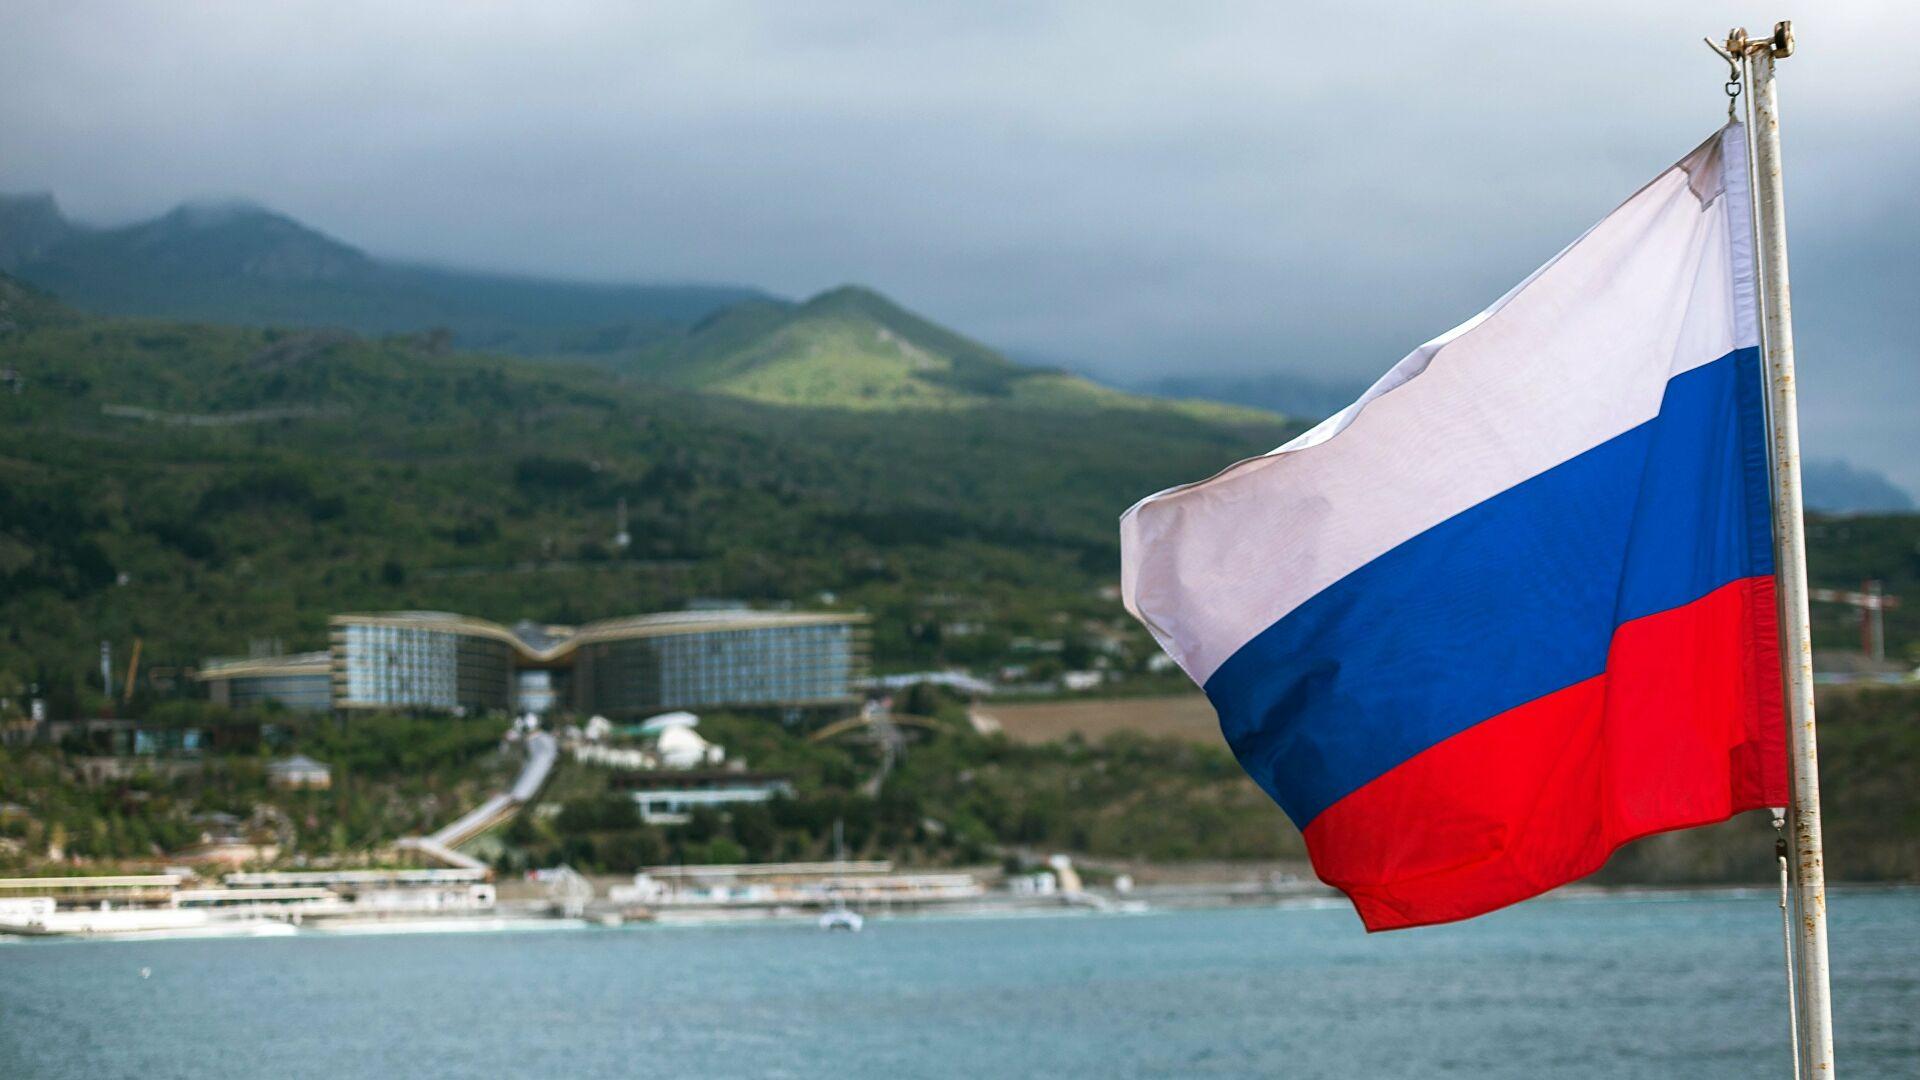 Moskva: Upozoravamo SAD da im je bolje da se drže podalje od Krima, to je za njihovo dobro